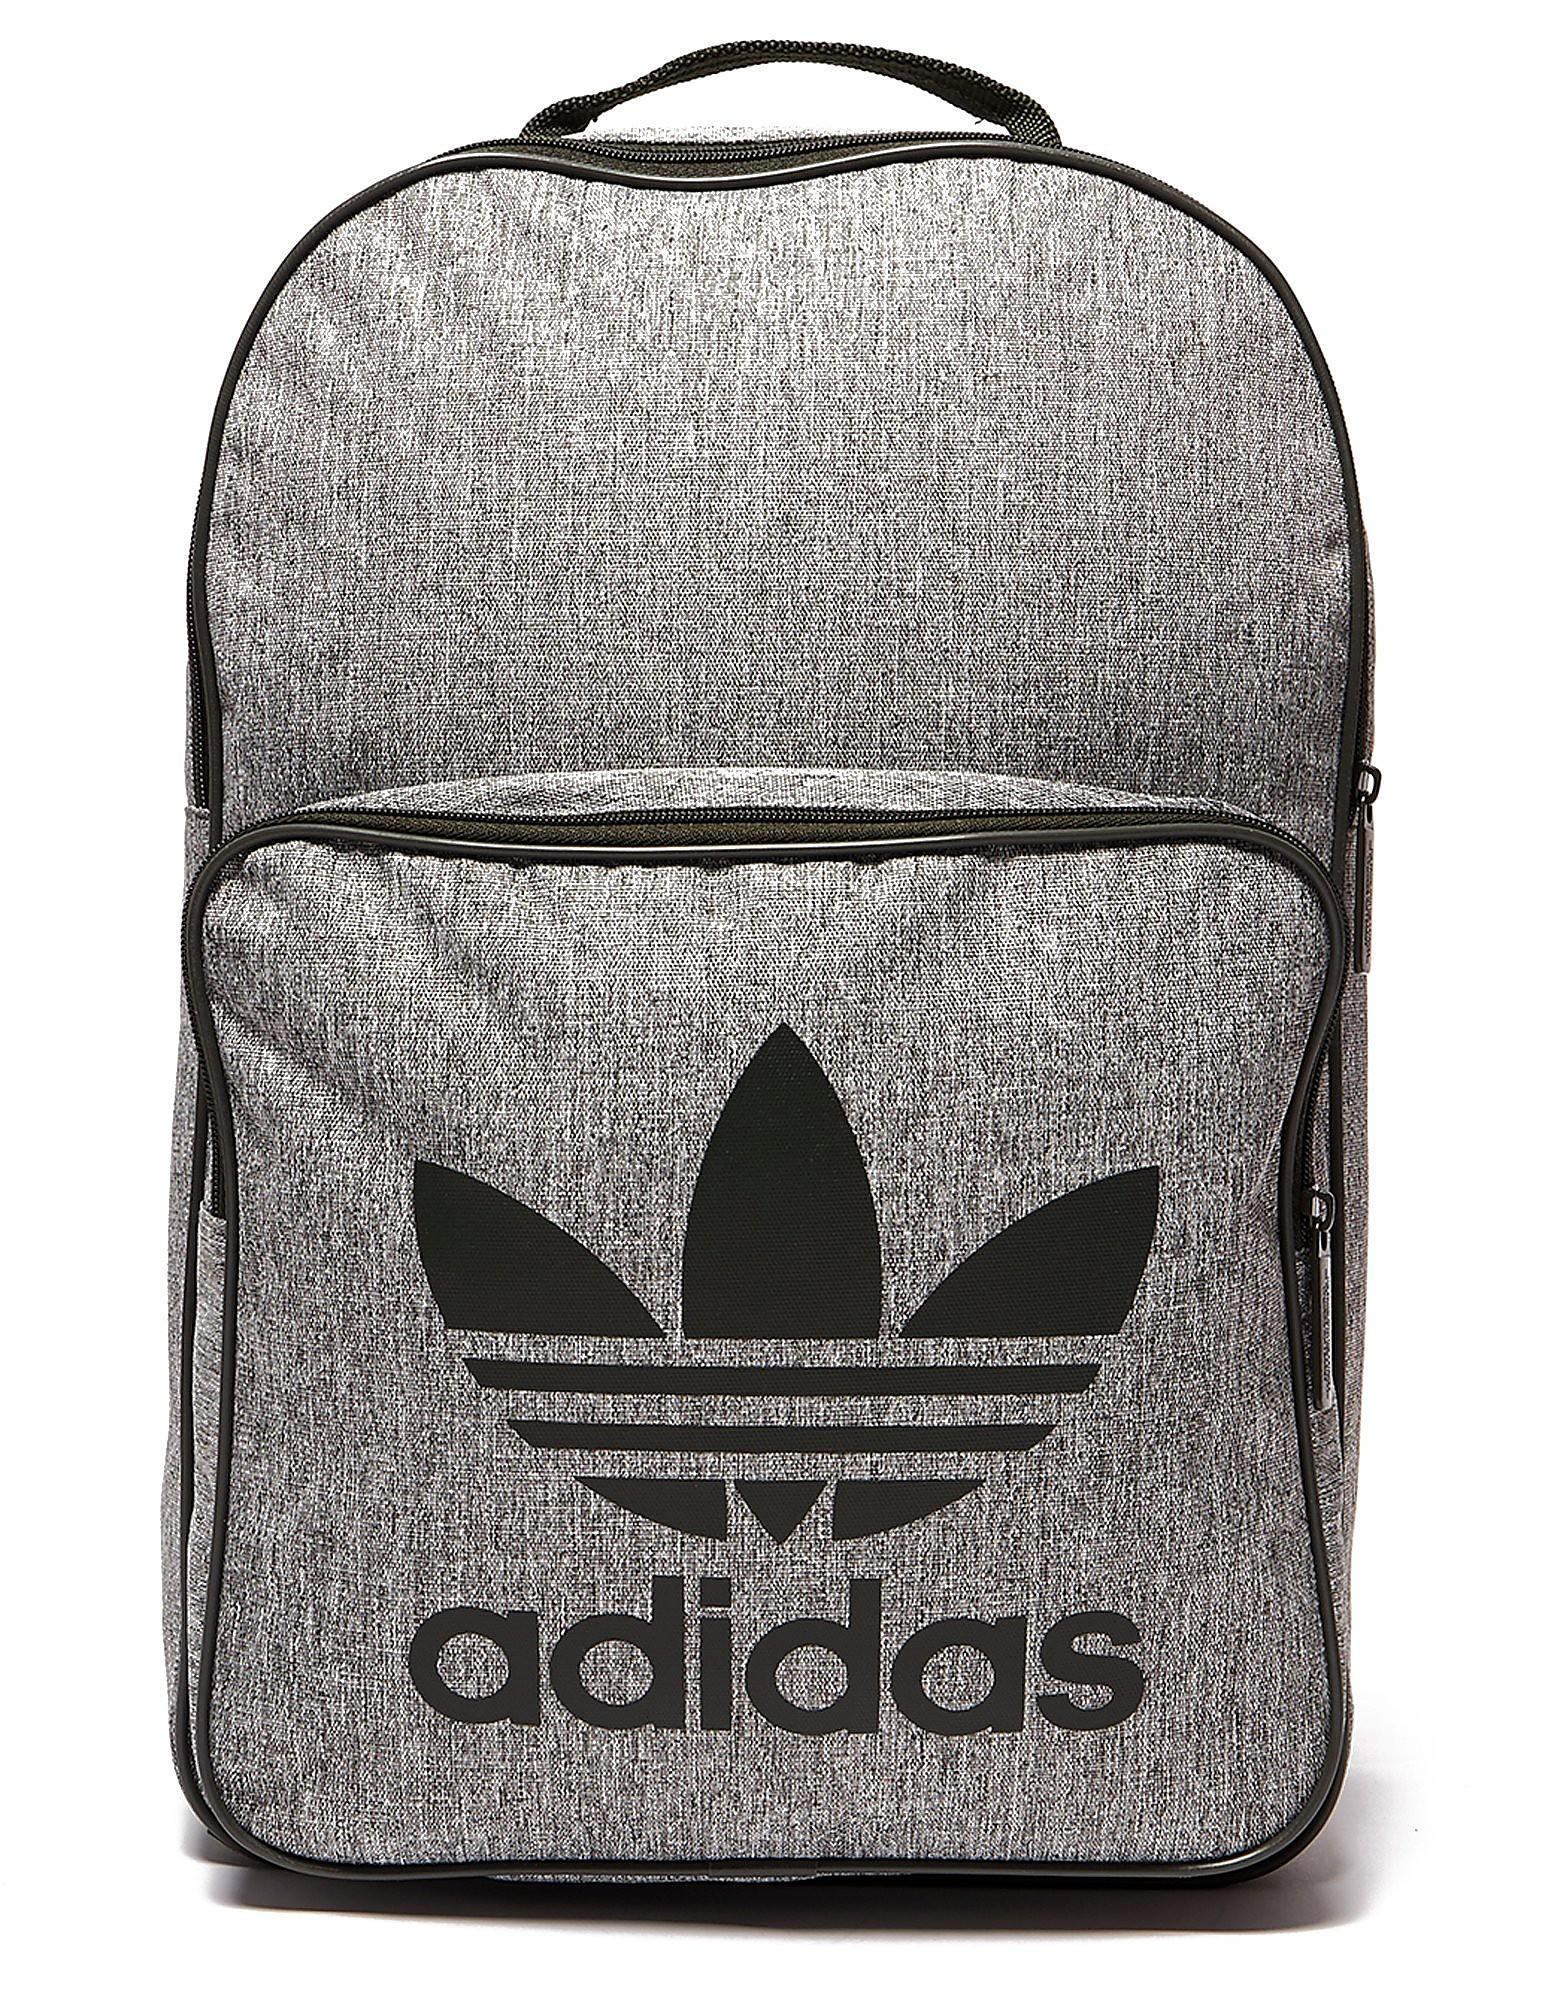 adidas Originals mochila Trefoil